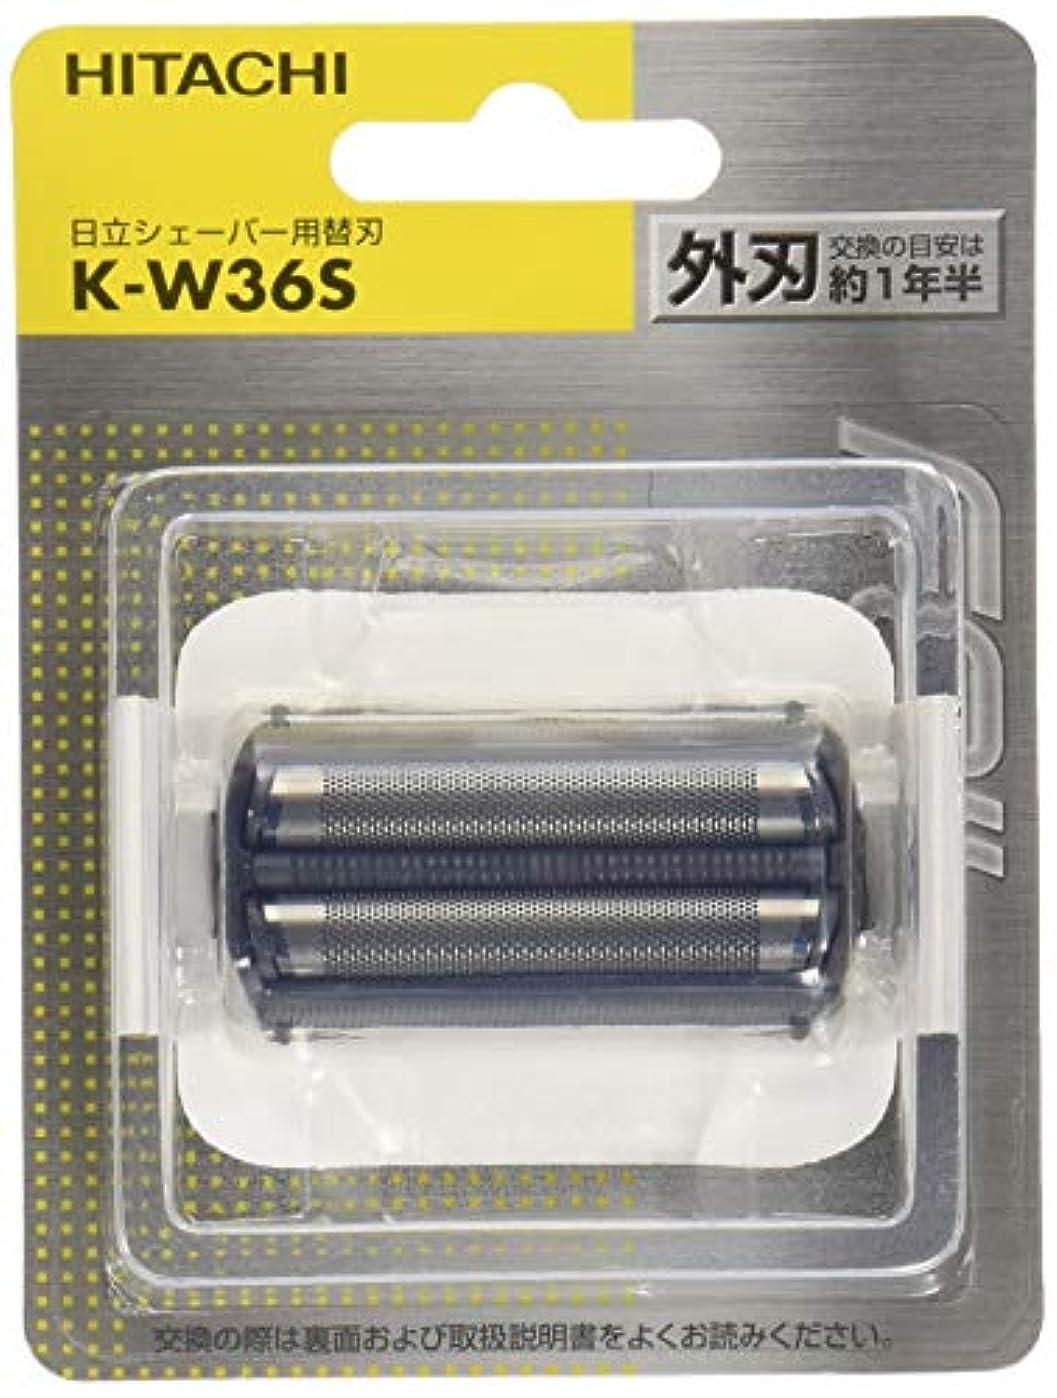 受け入れるトリプル建築家日立 替刃 外刃 K-W36S